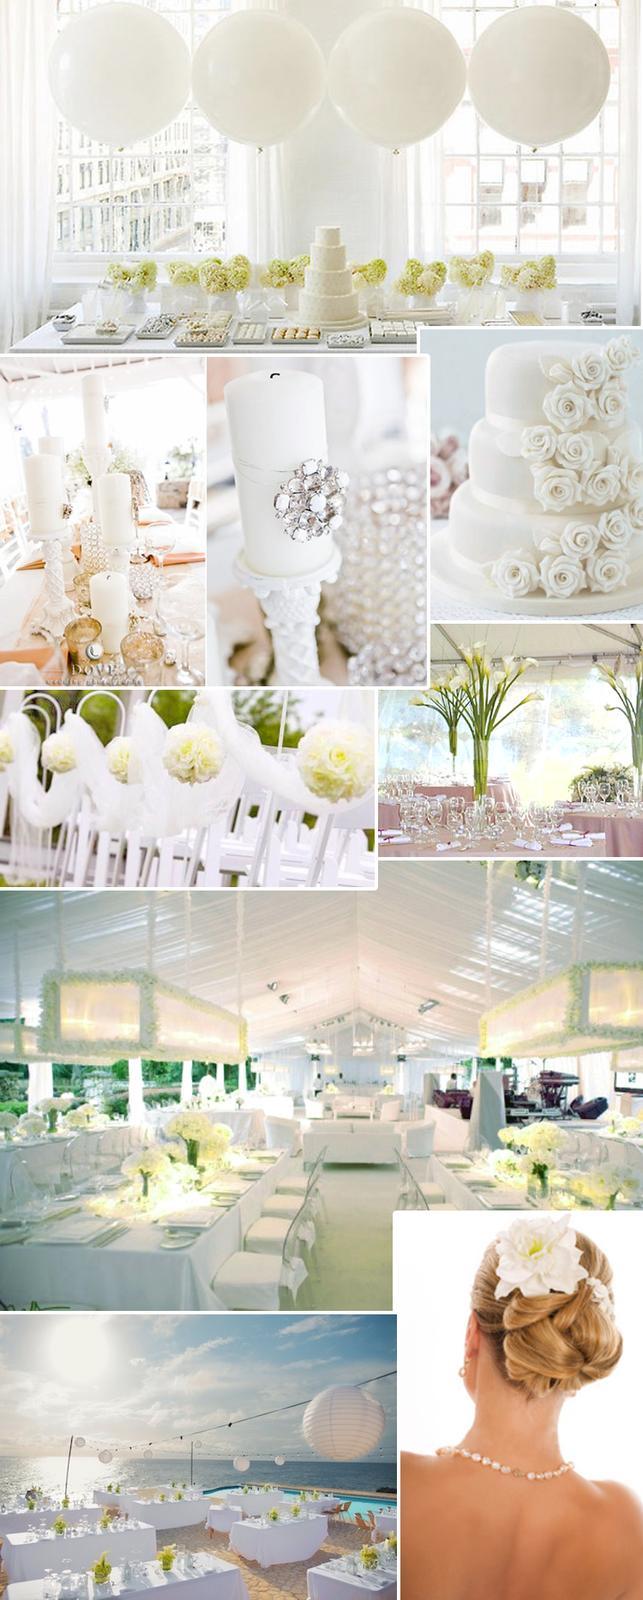 Svatba komplet čistě bílá - Obrázek č. 55